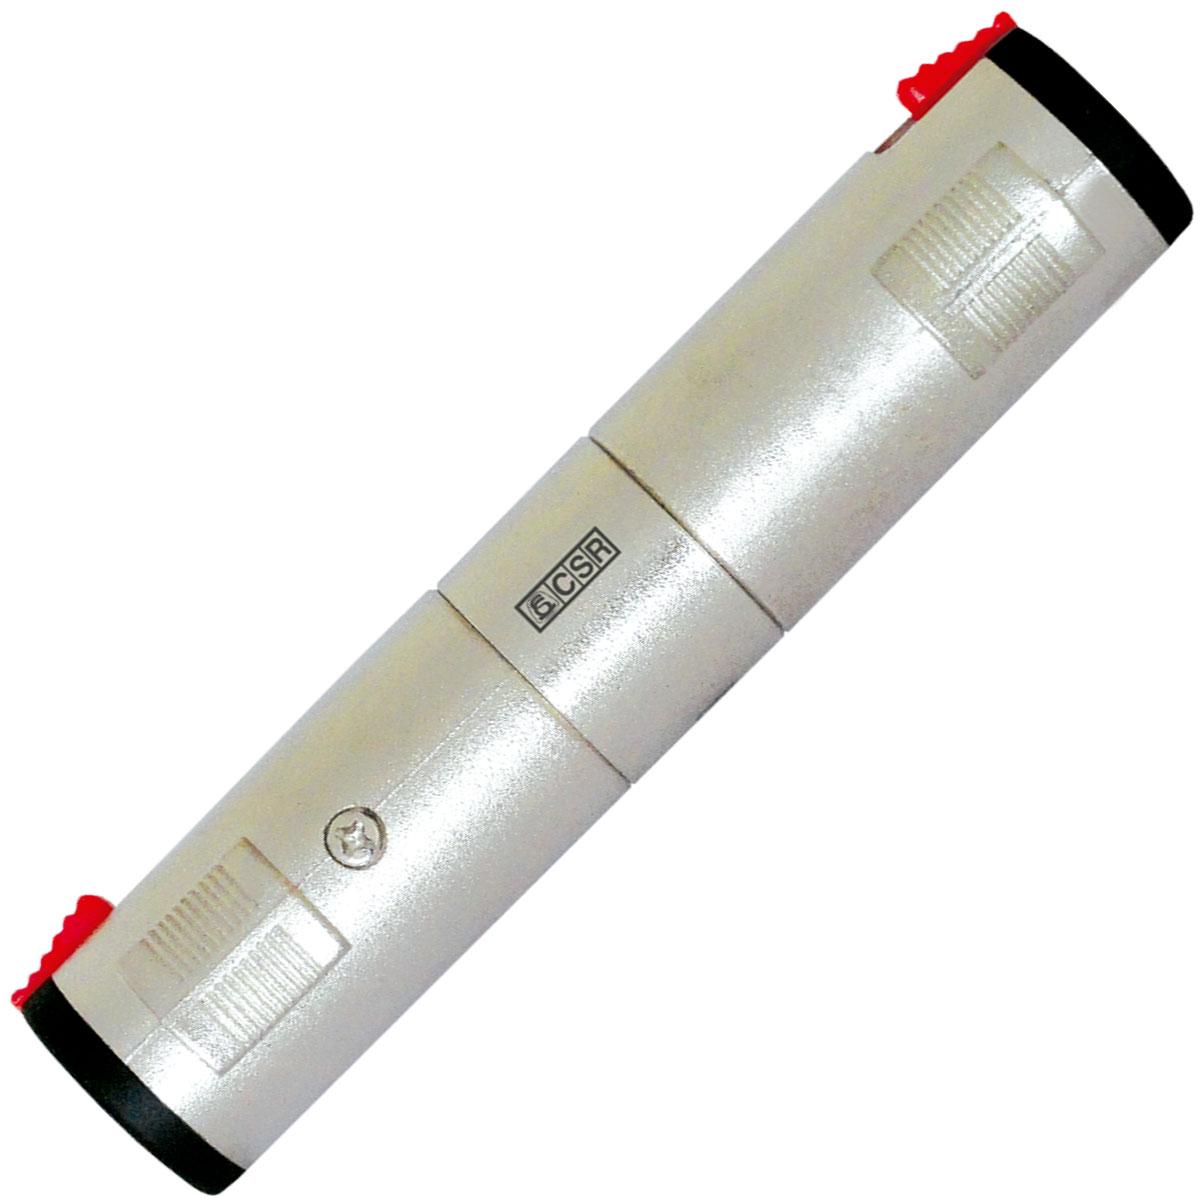 Adaptador P10 / P10 Femea com Trava Est�reo 1818N - CSR